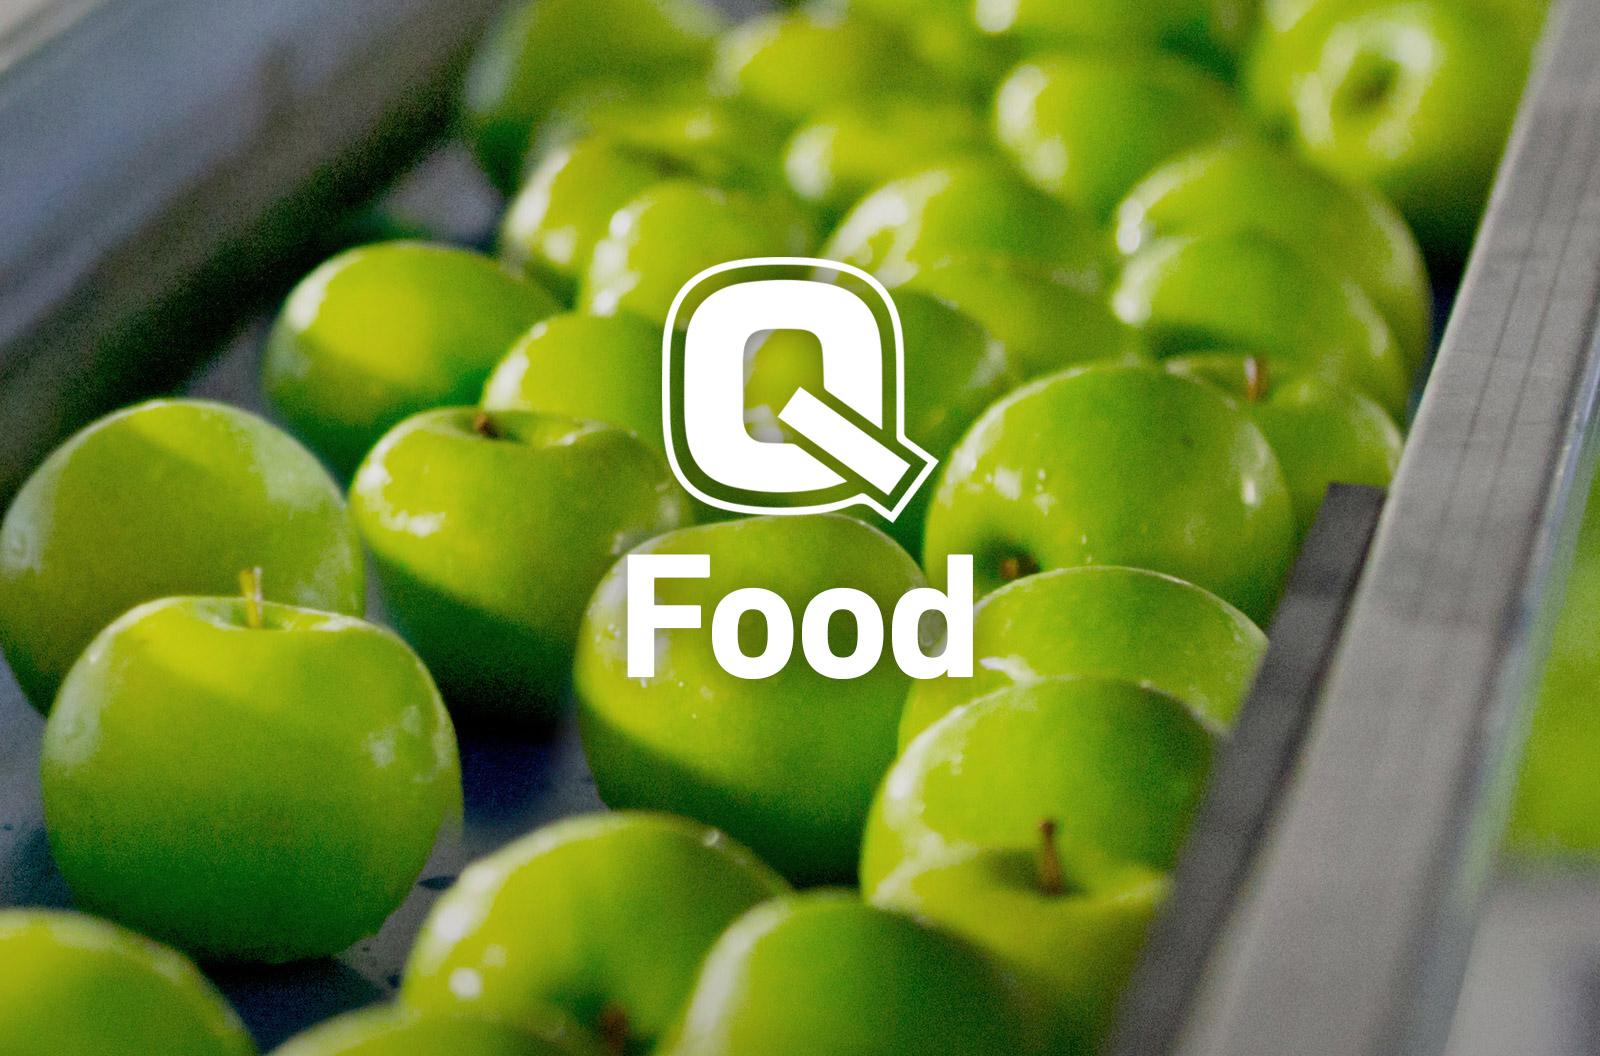 Quimidex Food